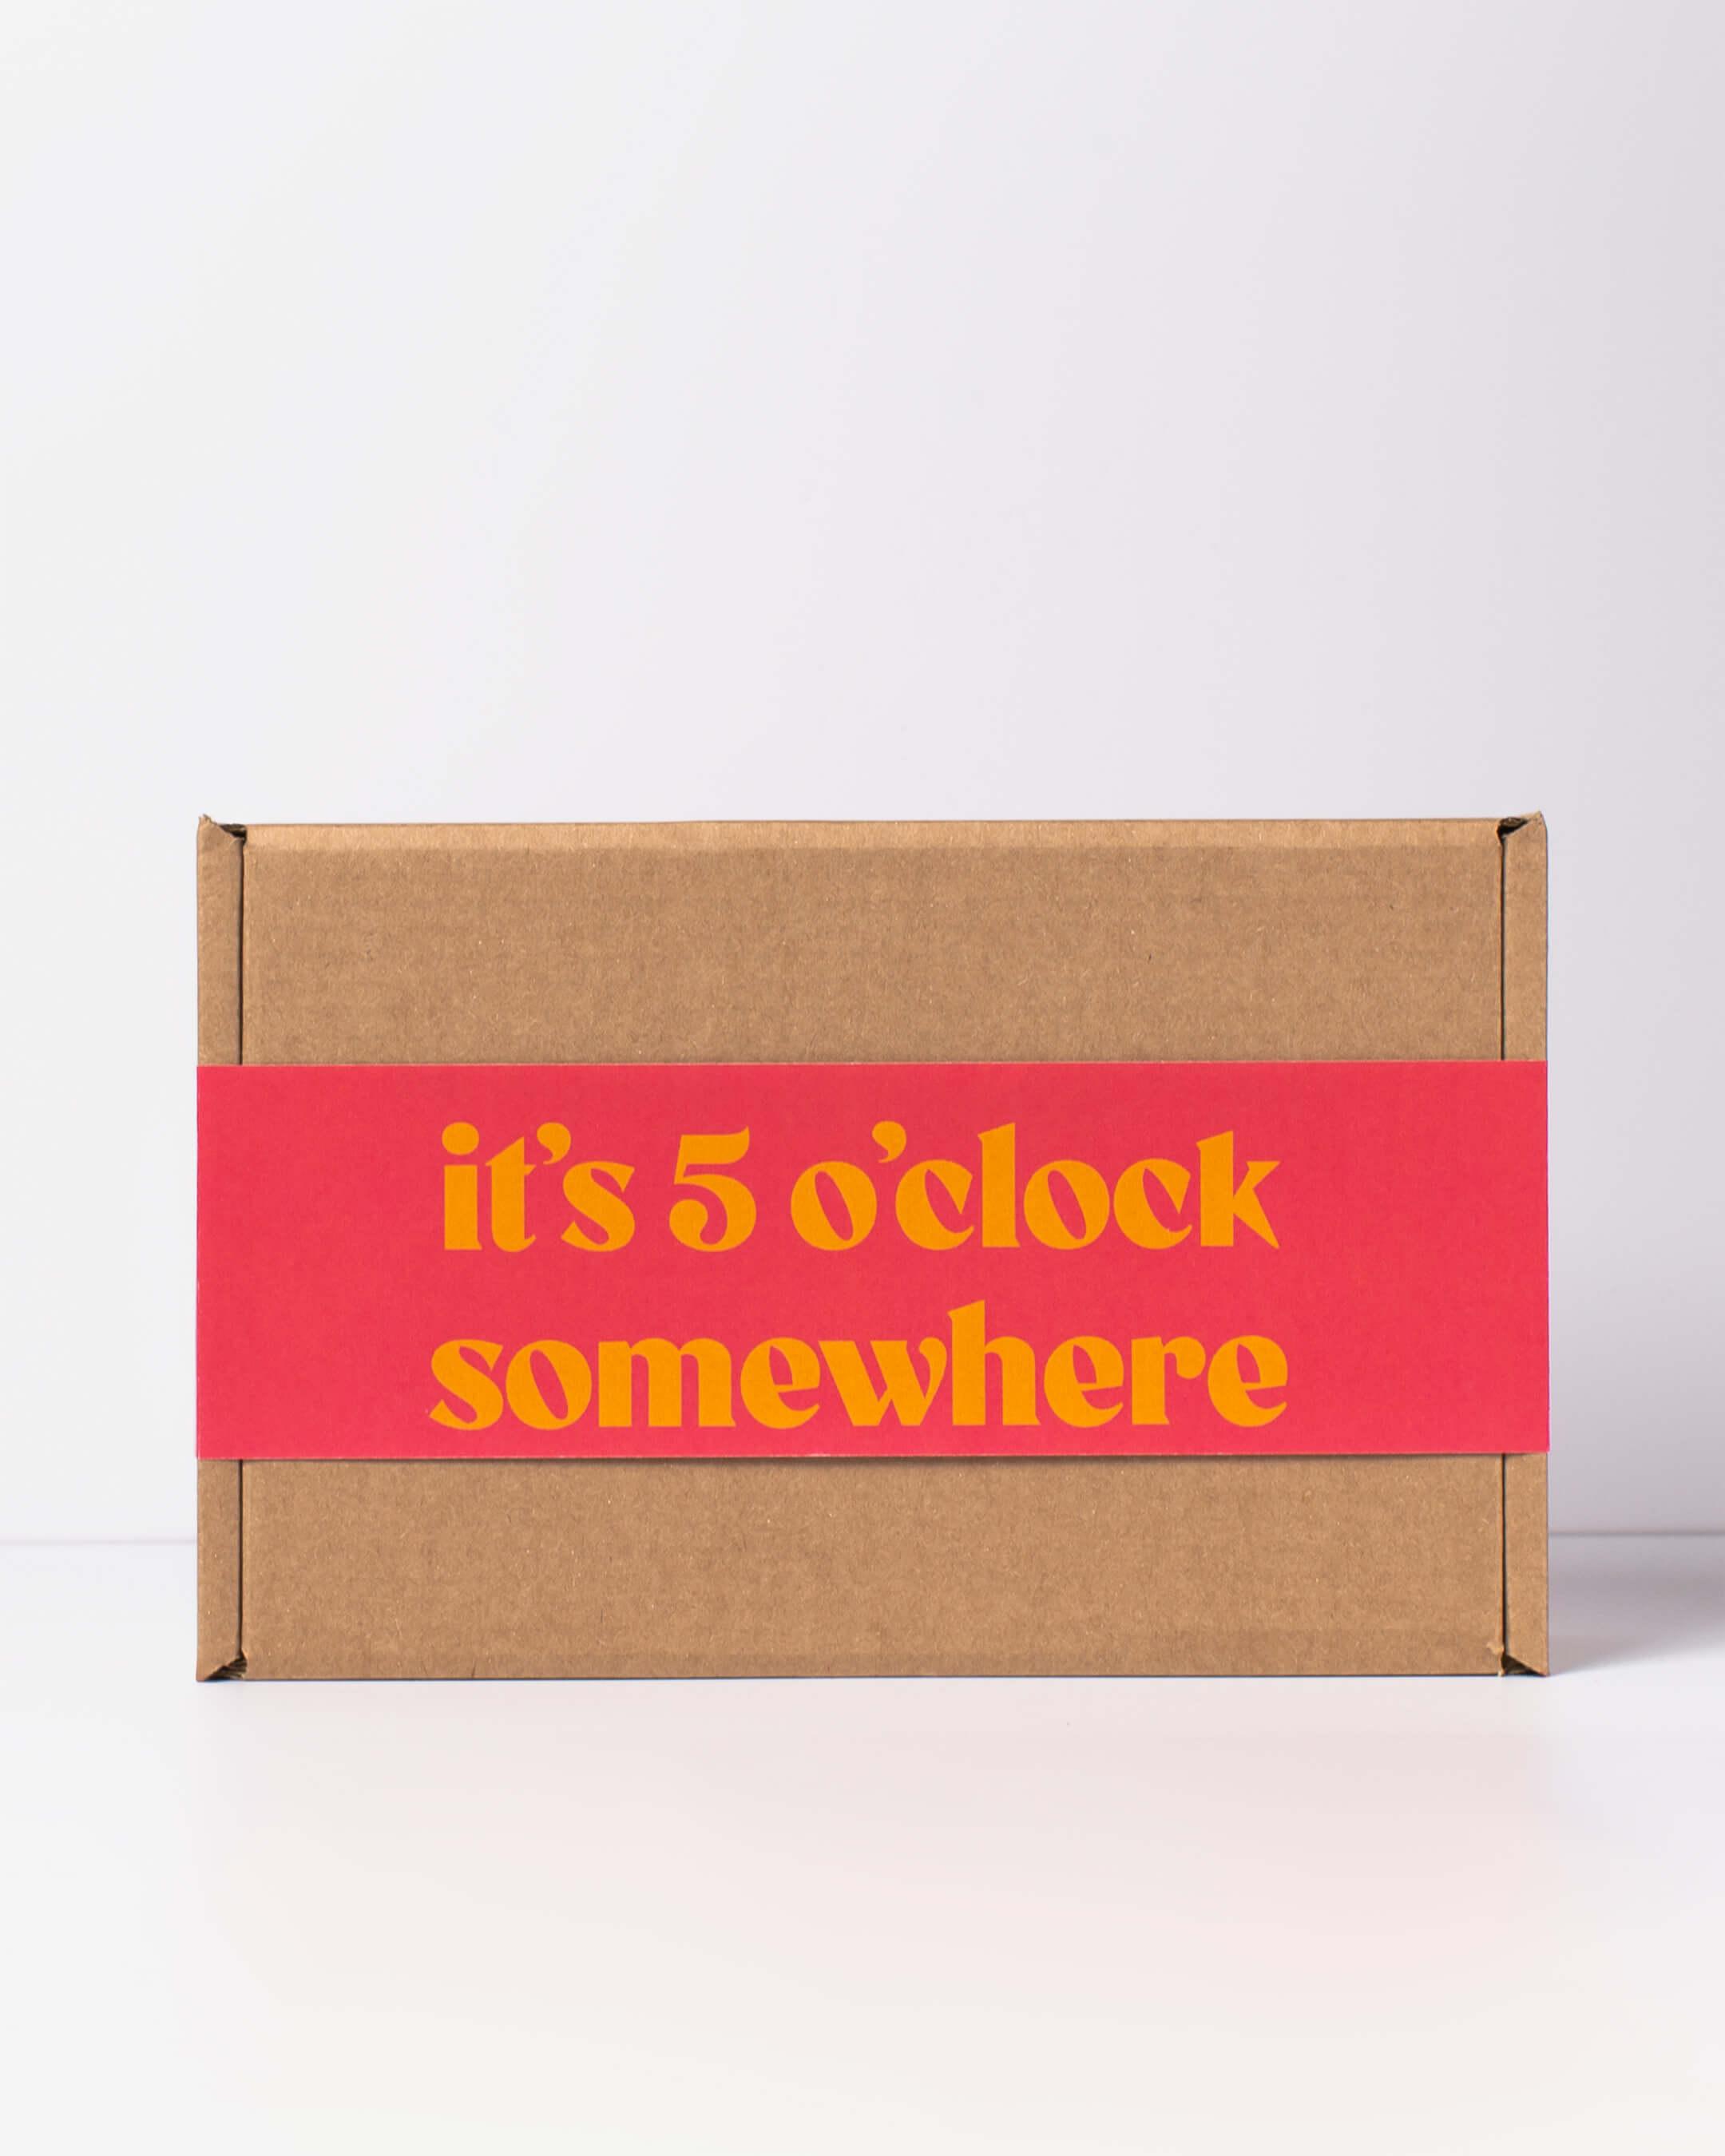 ta. alcohol free spirit & mixer box packaging